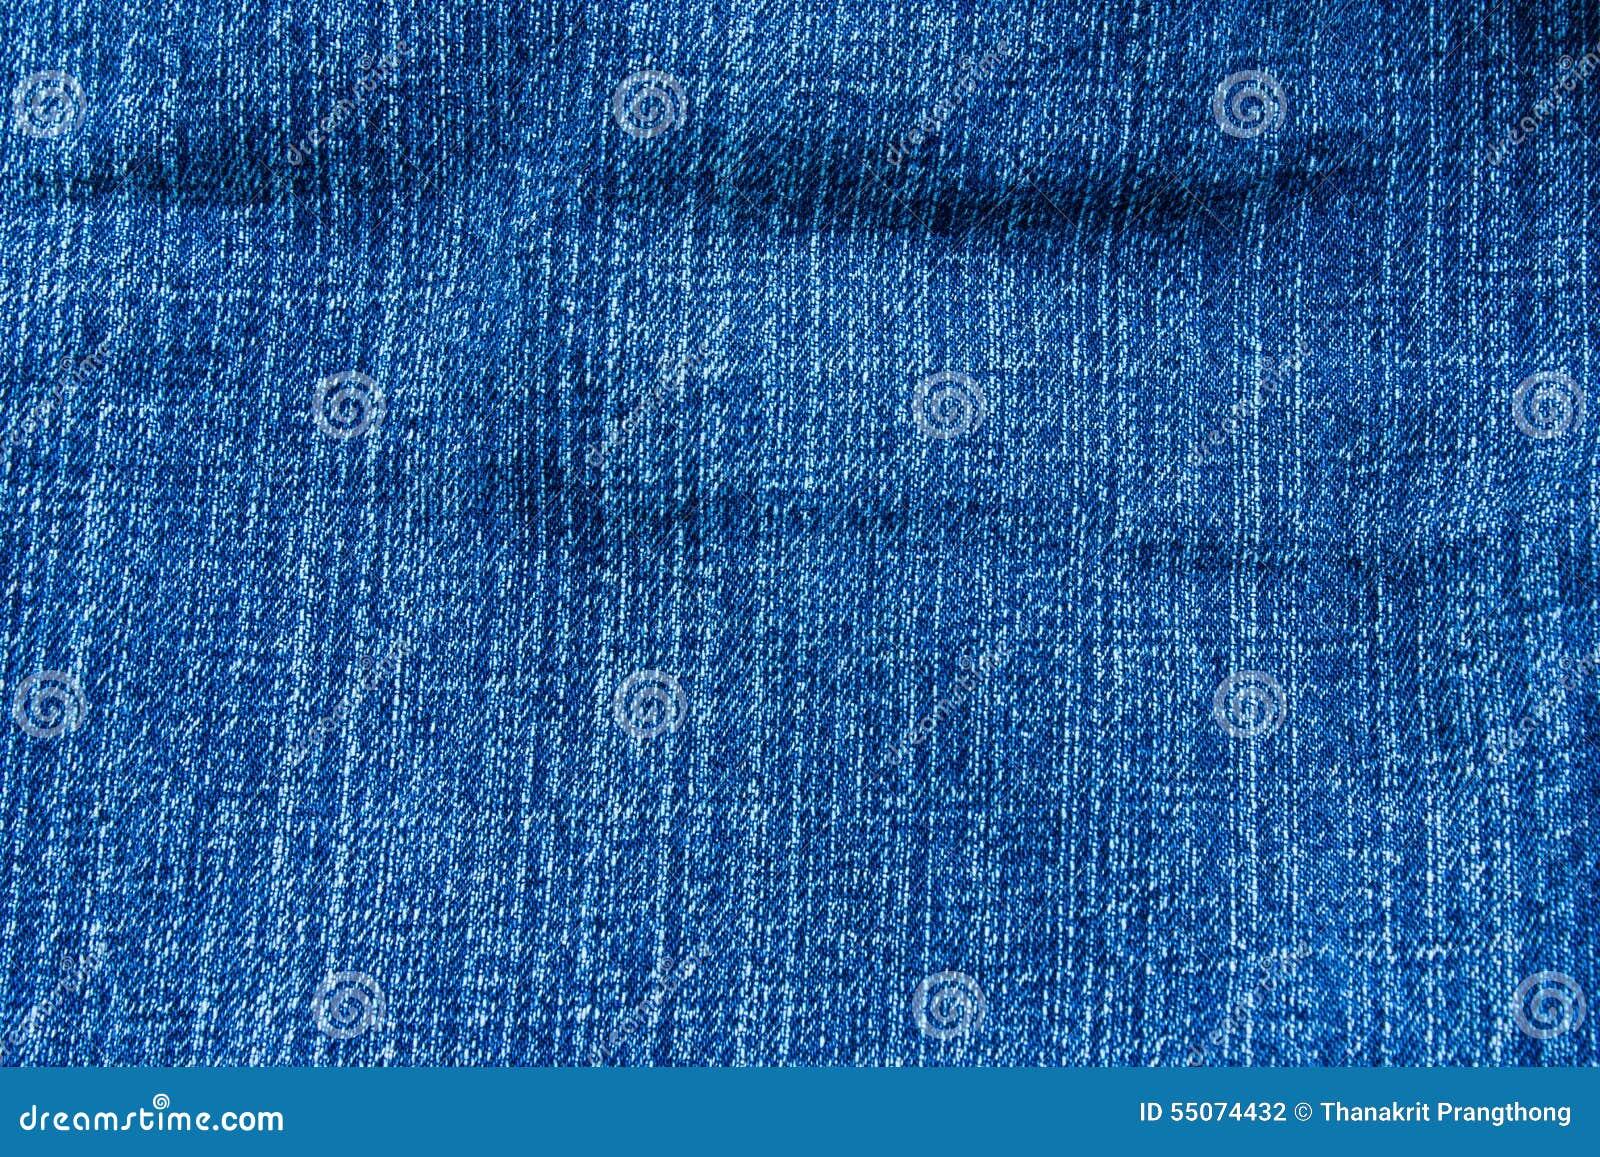 Blue Jeanshintergrund